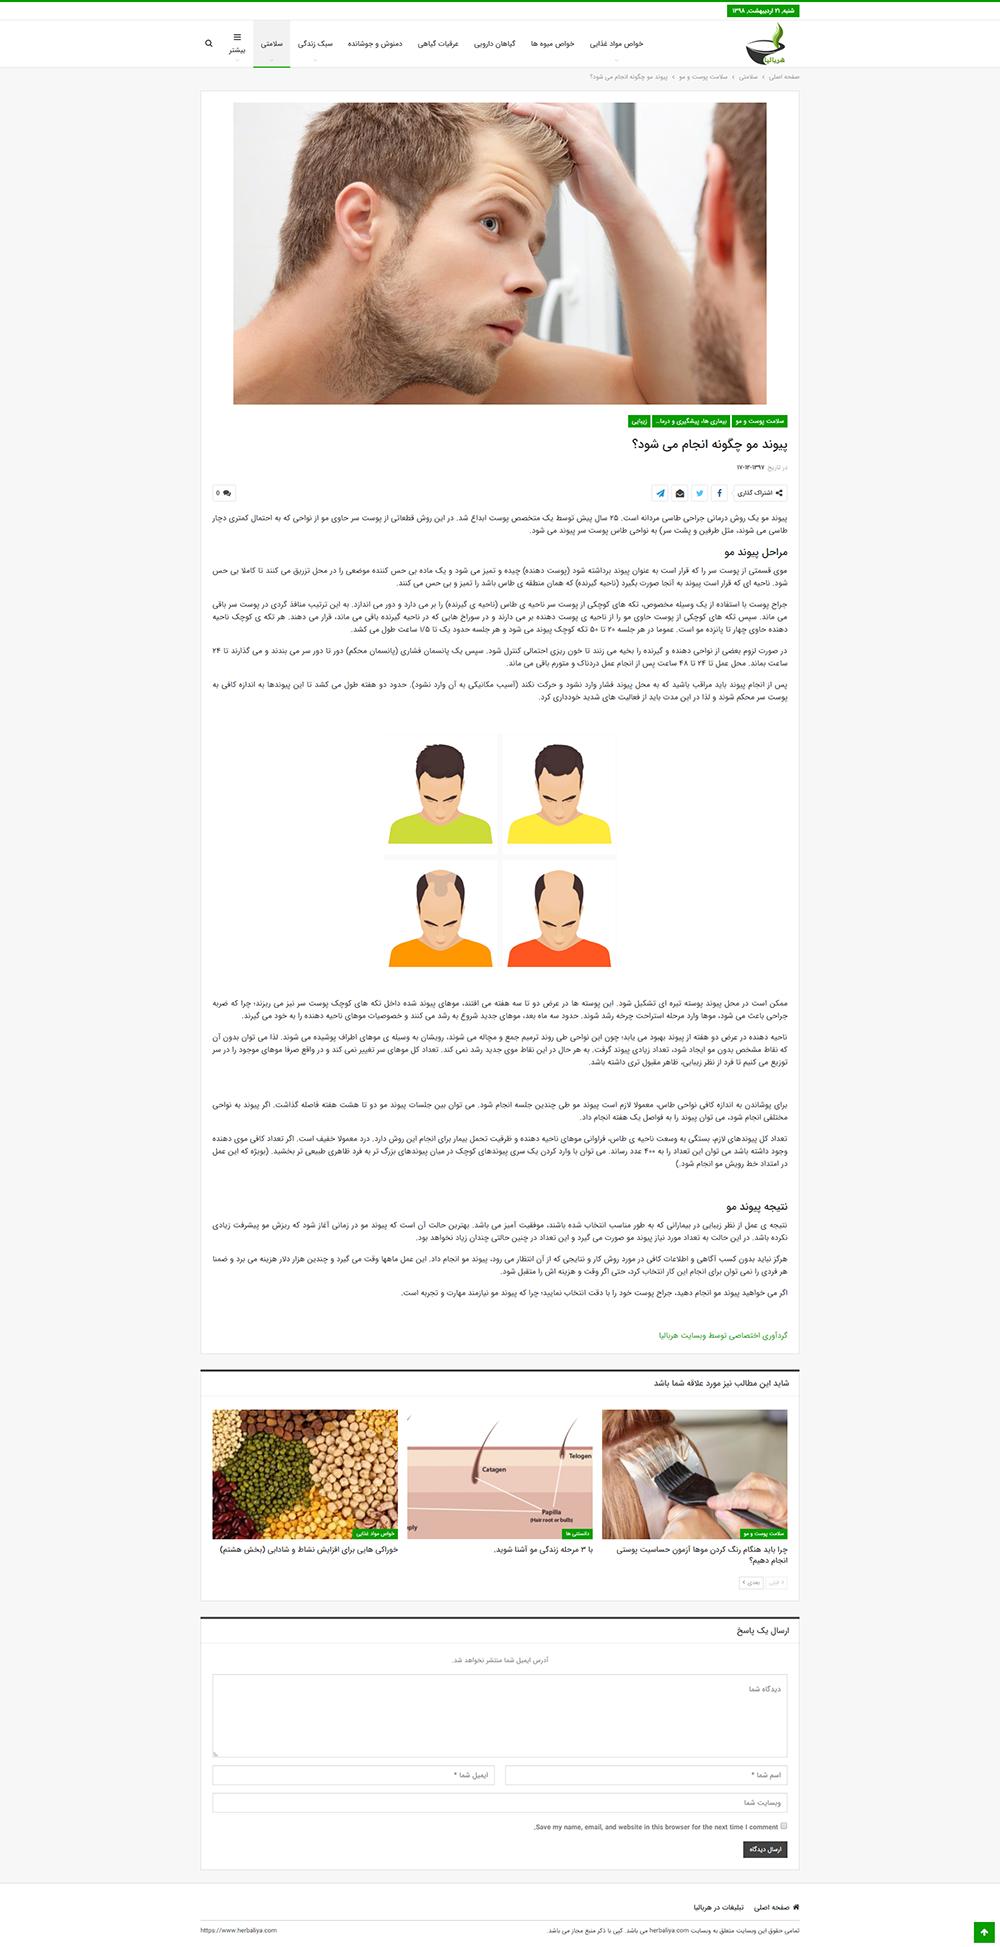 طراحی قالب سایت خبری